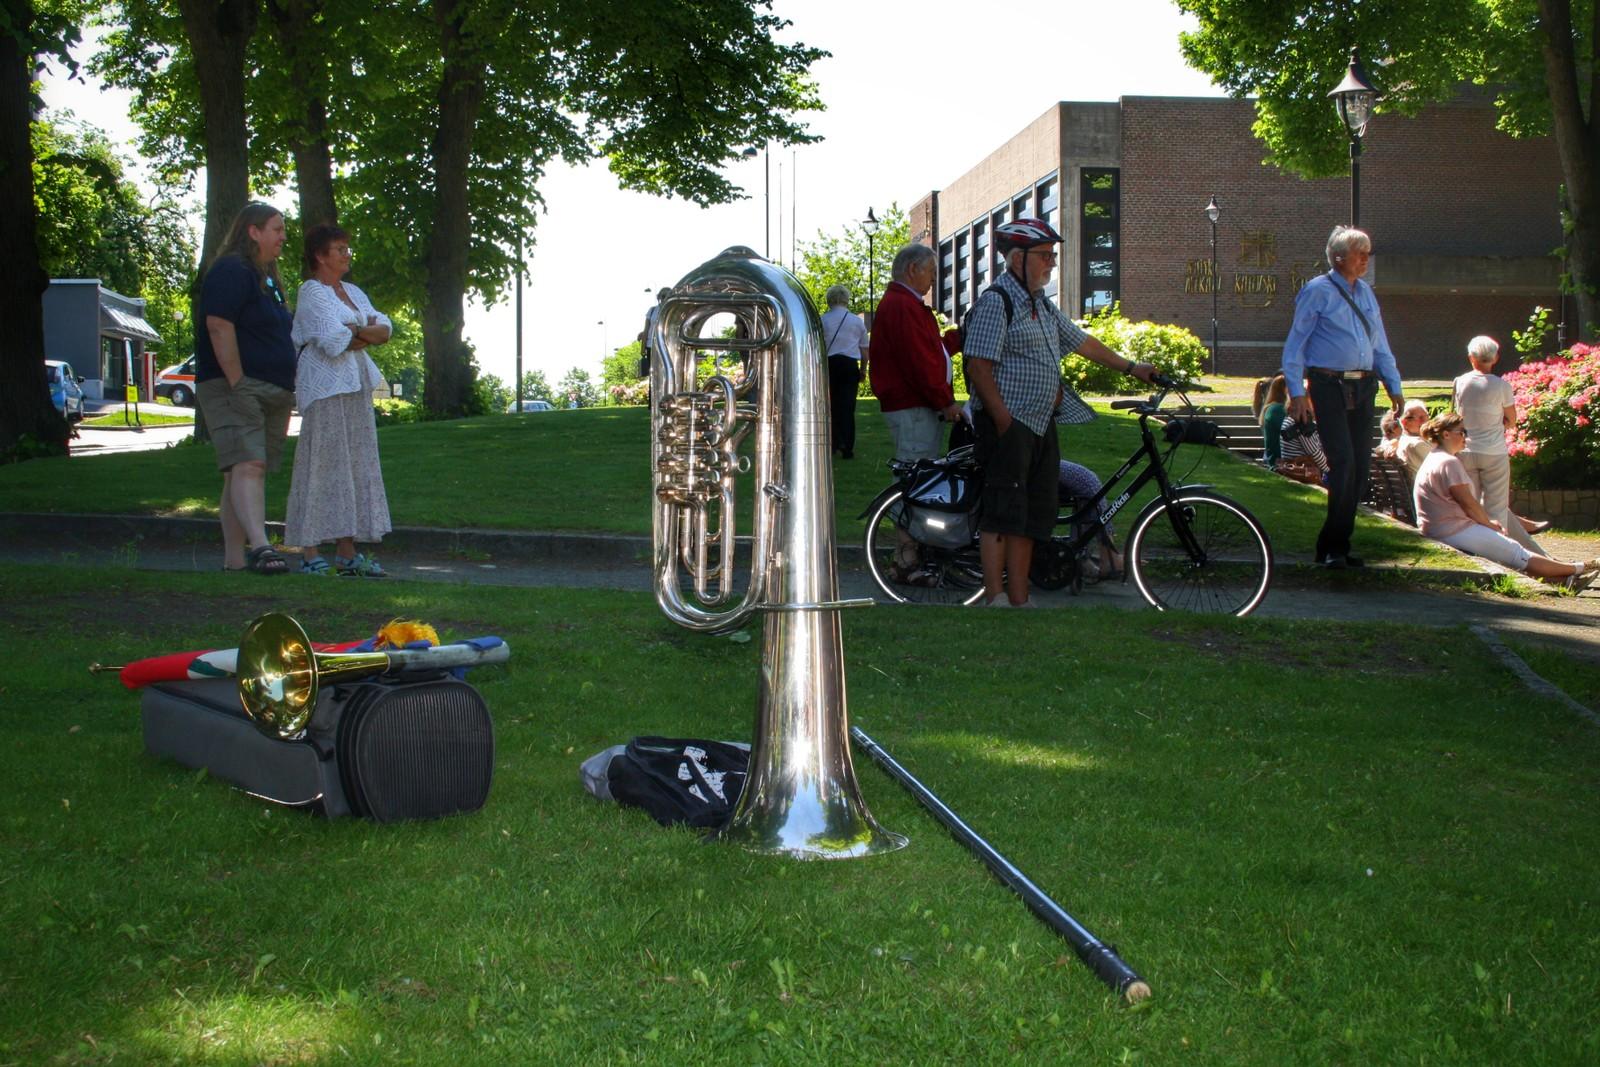 Musikk og instrumenter over alt. En tuba har tatt seg en hvil i parken ved paviljongen.